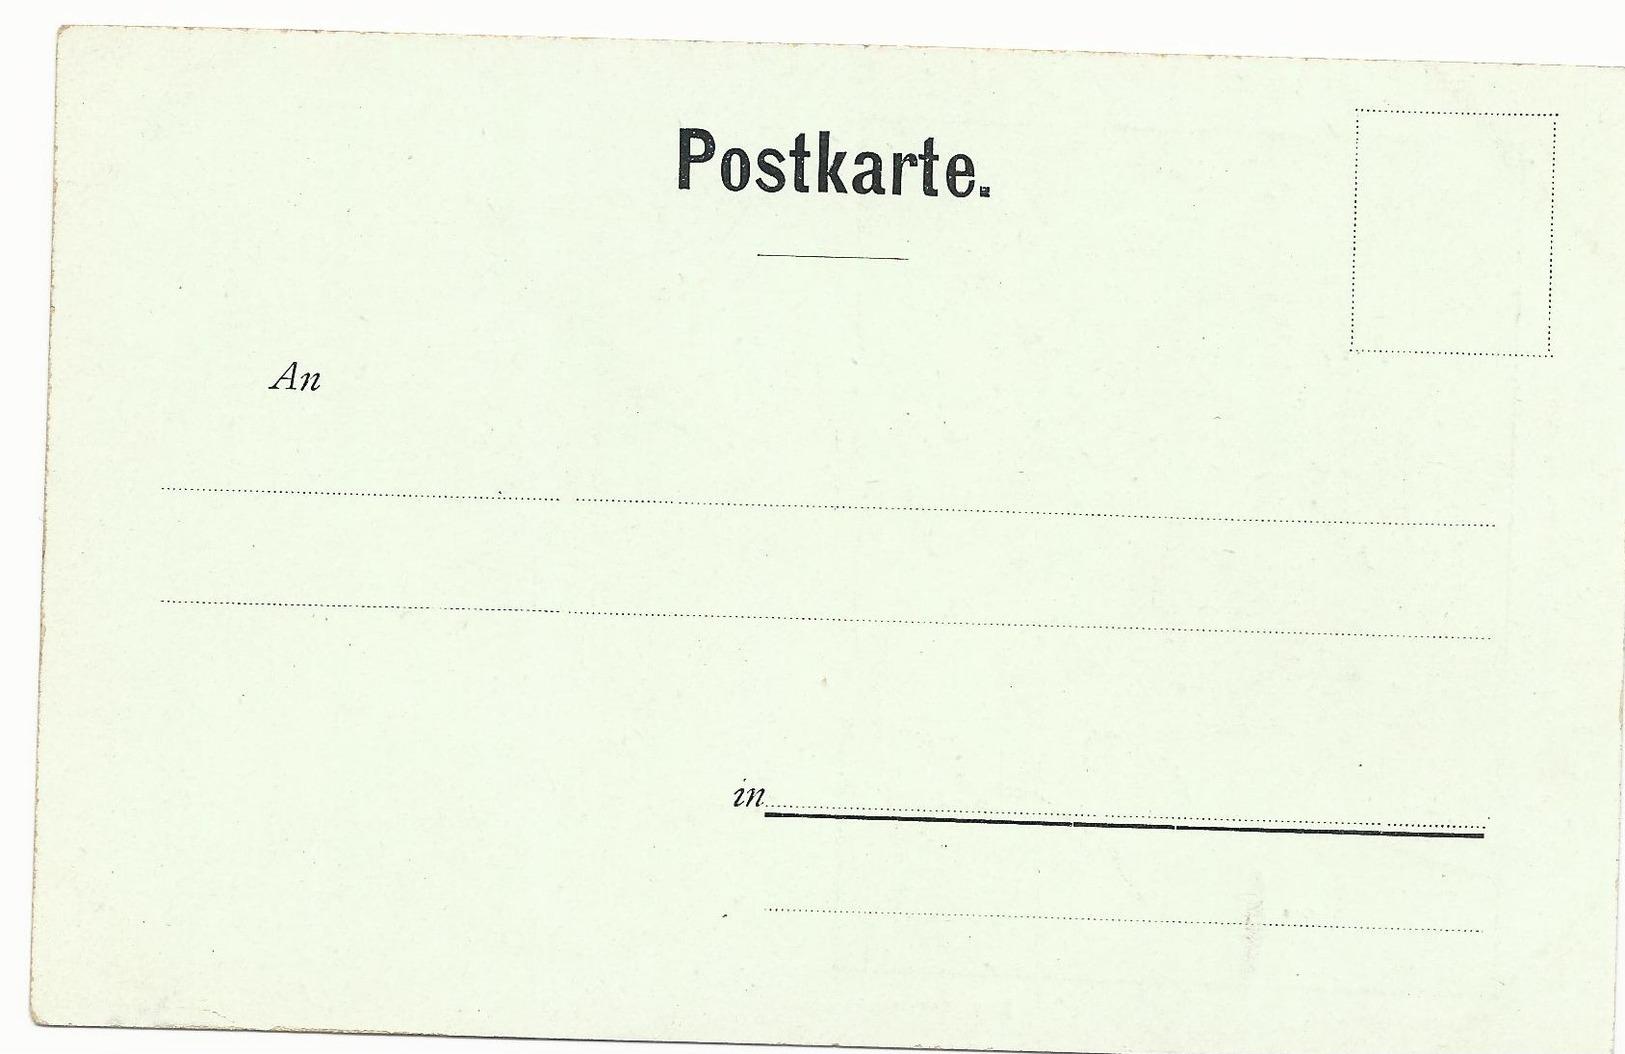 CPA - ART NOUVEAU - ILL. ZUMBUSCH - SERIE JUGEND I.24 - NON ECRITE - TBE - Zumbusch, Ludwig V.